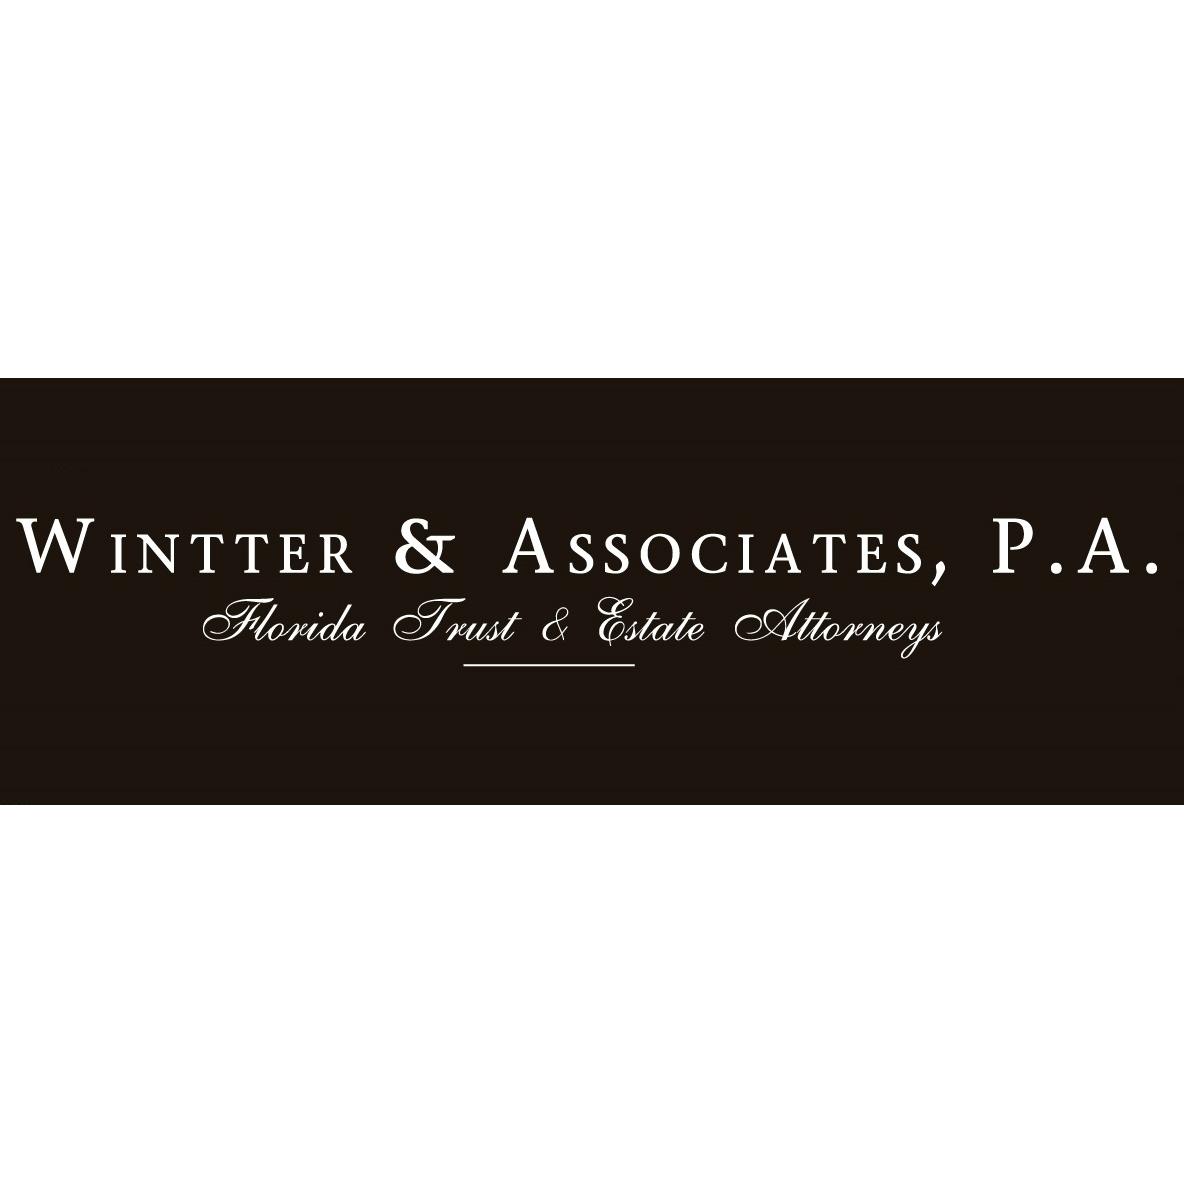 Winter & Associates, P.A.